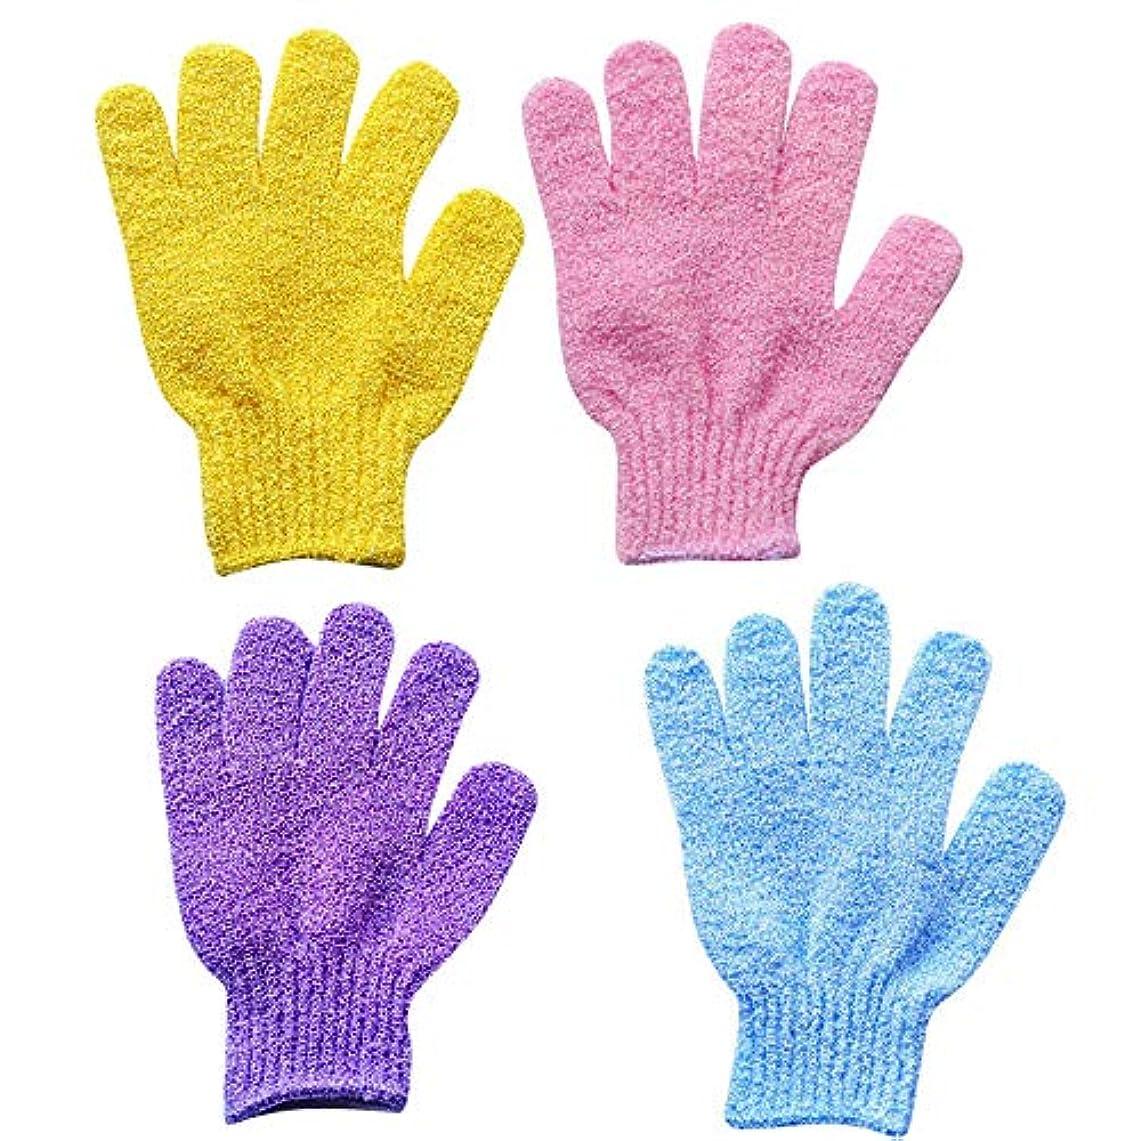 ピストルマージ抵抗Littleliving 浴用手袋 ボディタオル 入浴用品 バス用品 垢すり手袋 五本指 毛穴清潔 角質除去 8枚セット